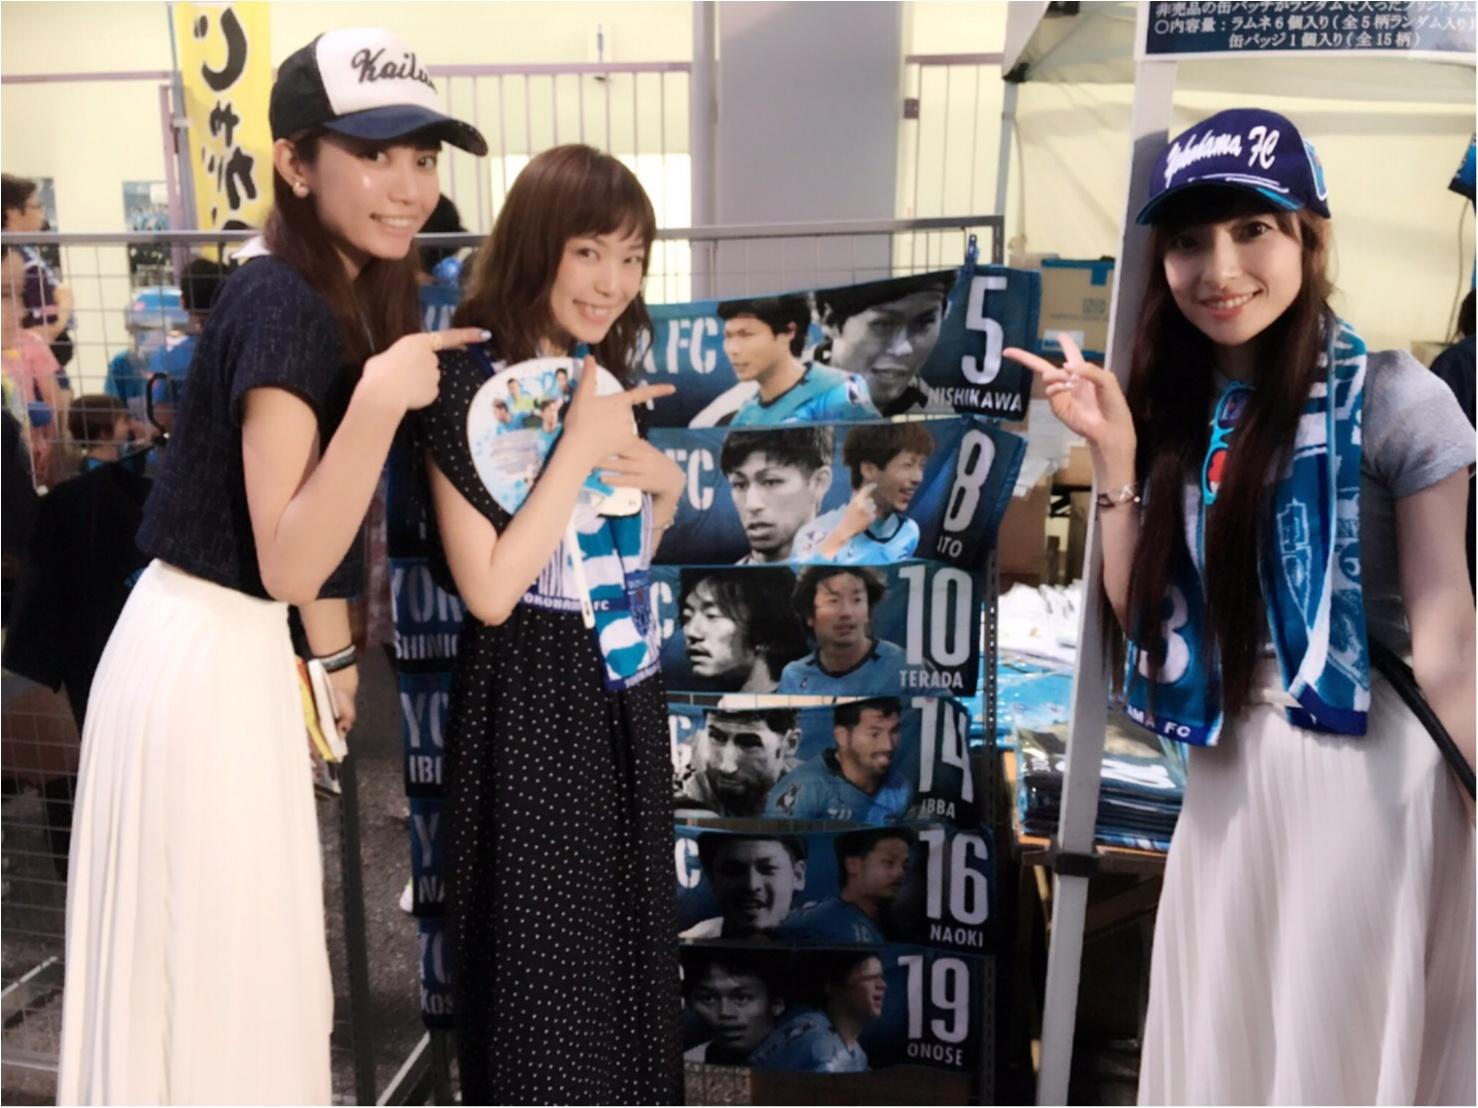 ★モアハピ女子会で、初めてのサッカー観戦へ☺︎横浜FCがおすすめなワケ♡_5